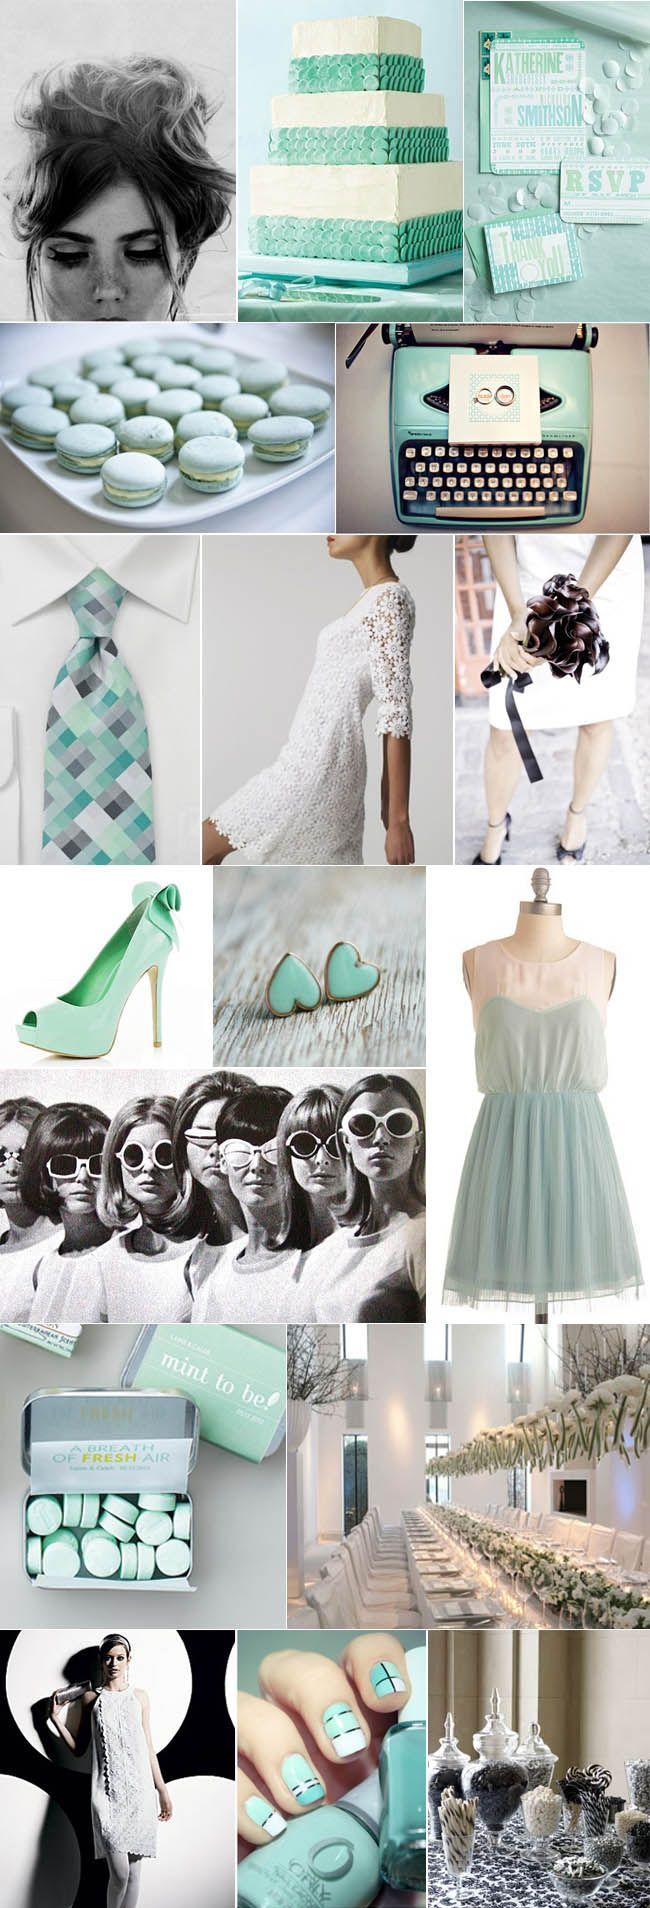 276 best Wedding Bells images on Pinterest | Wedding frocks, Bridal ...